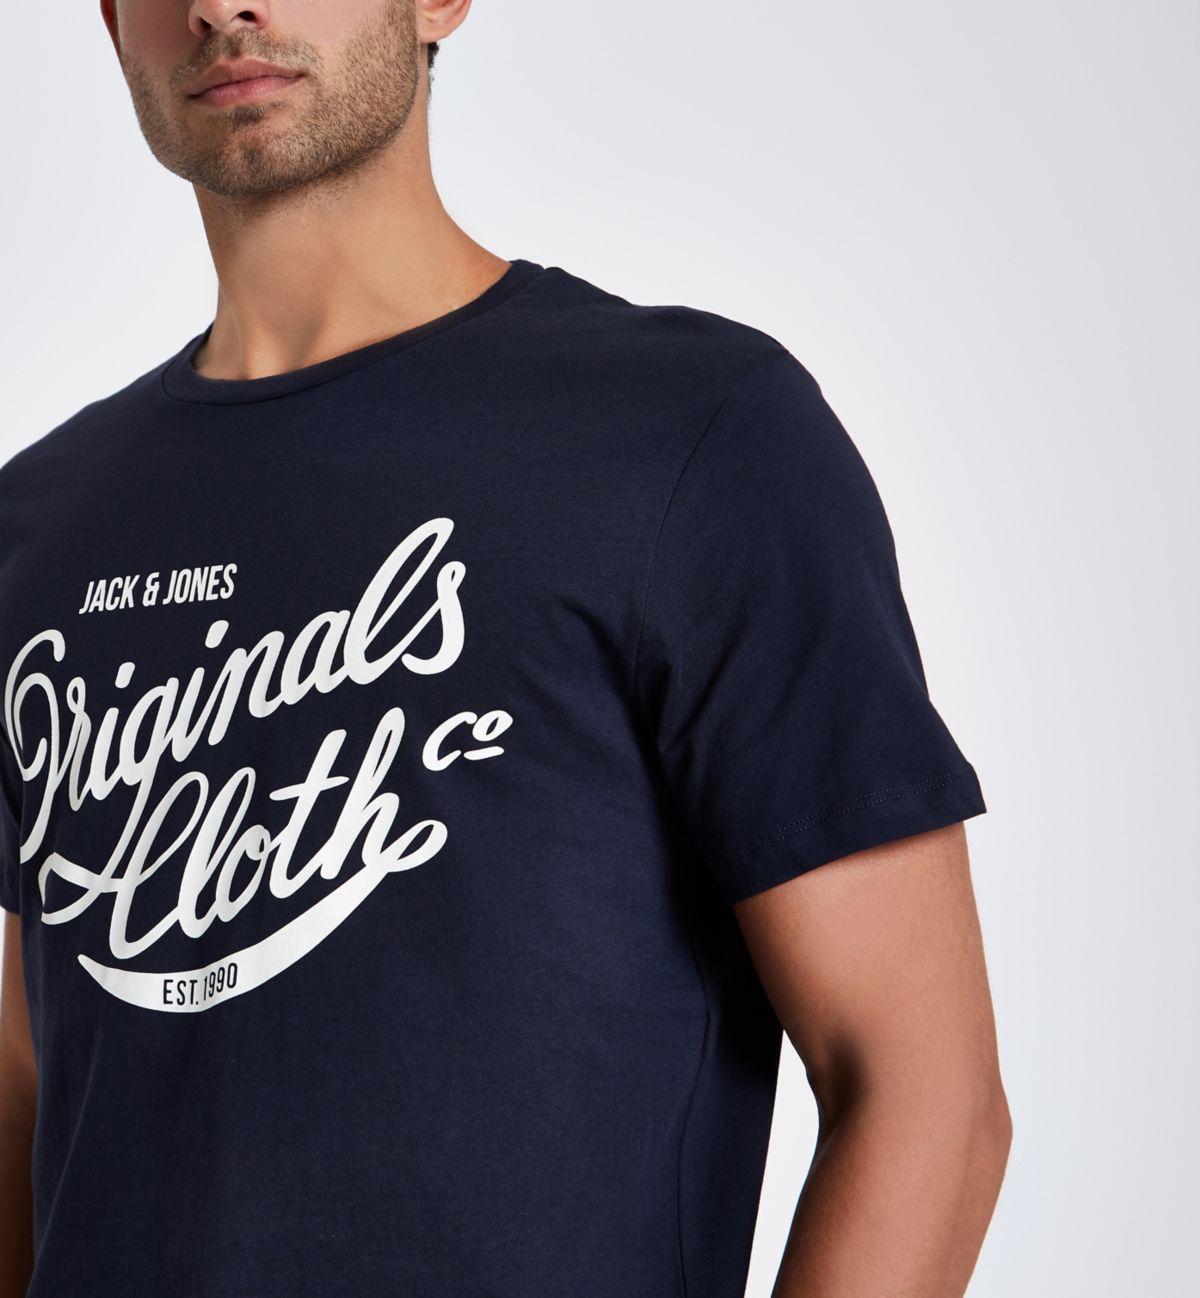 Jack & Jones navy print crew neck T-shirt